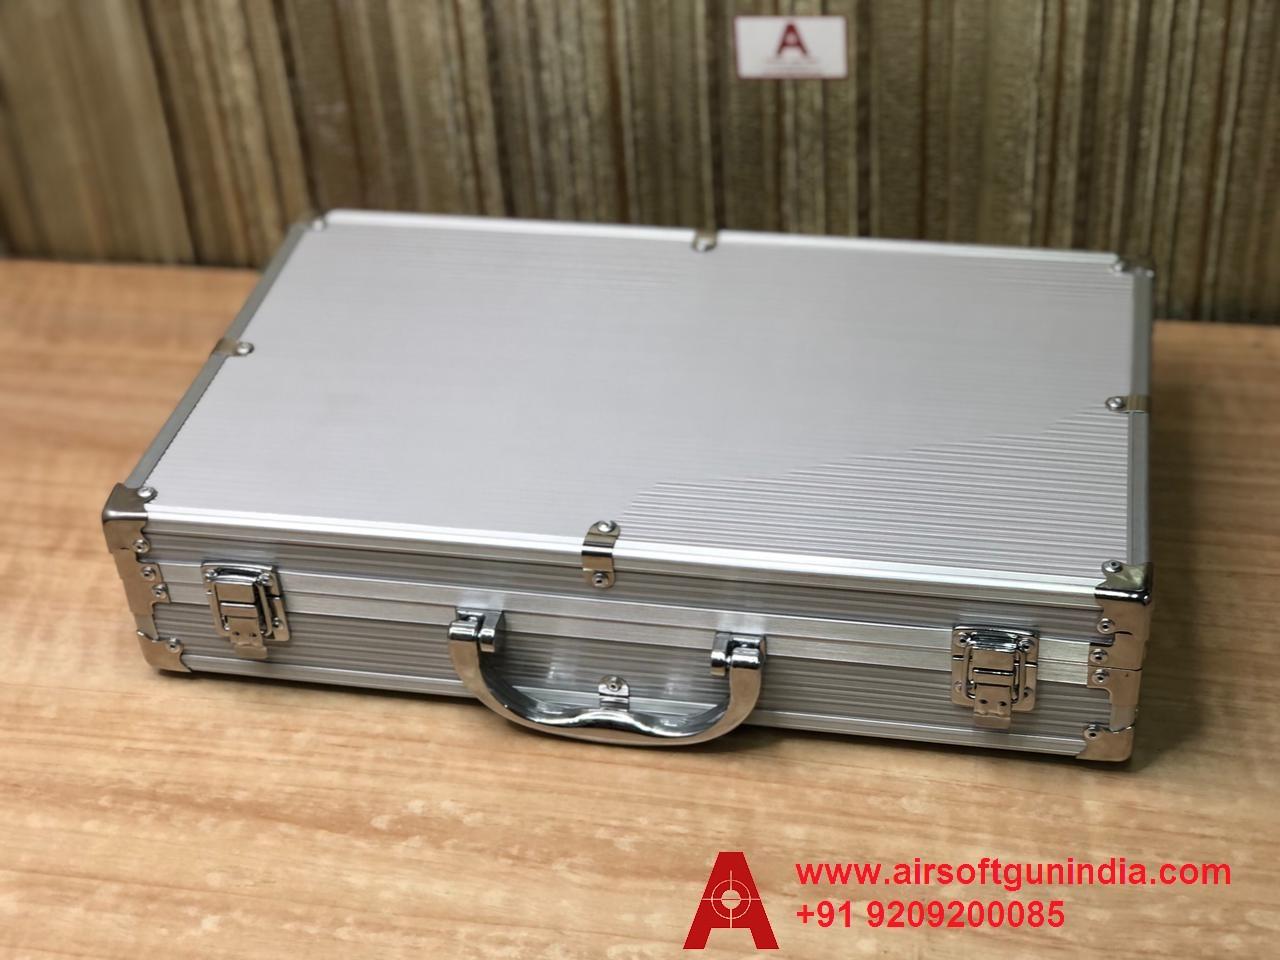 Customized Storage Metal Gun Box/ Gun Case For BLACK OPS CO2 BB 2.5 AIR REVOLVER INCH By Airsoft Gun India